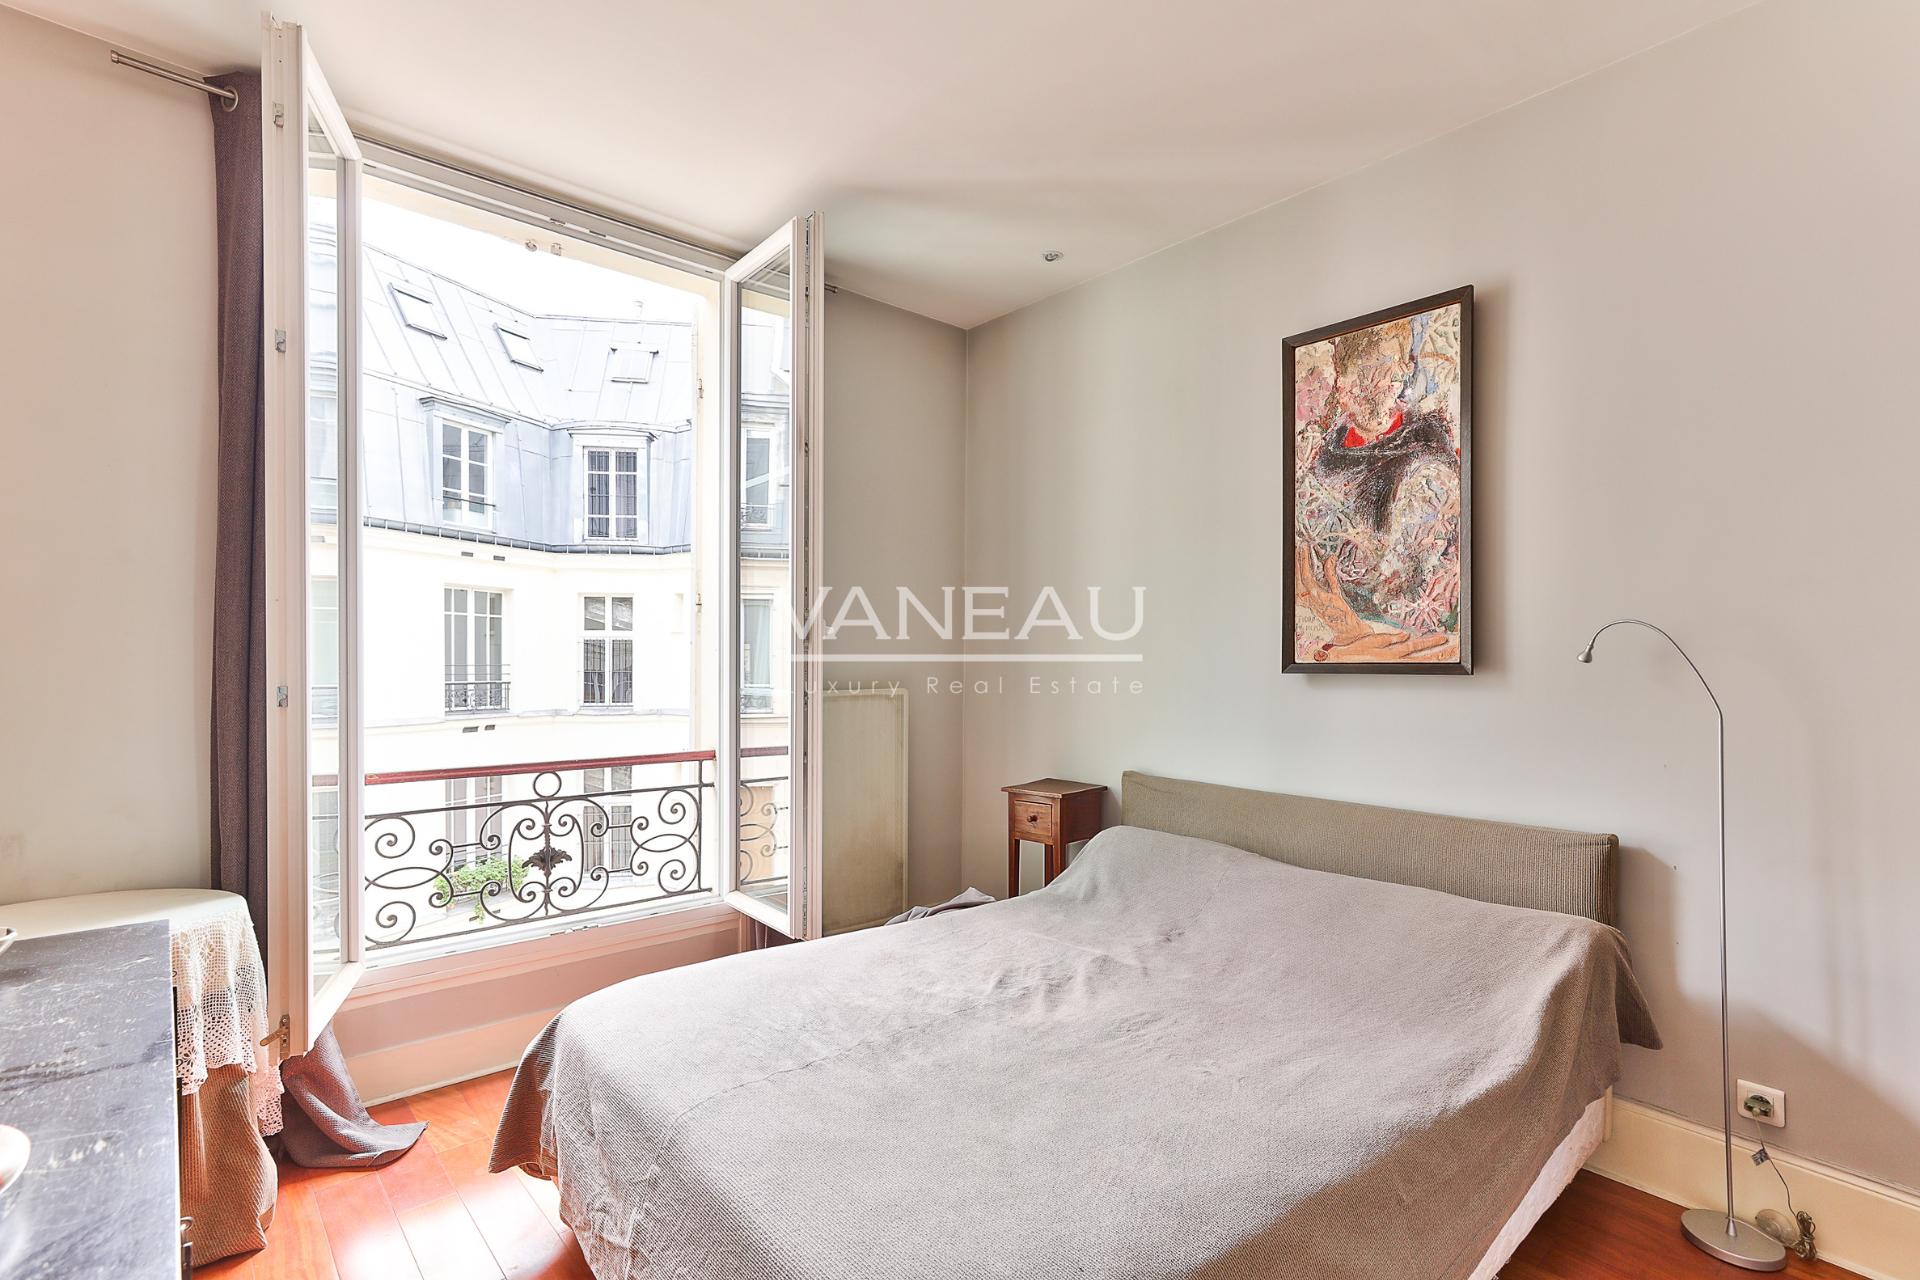 Real estate Paris – France – Vaneau – 7